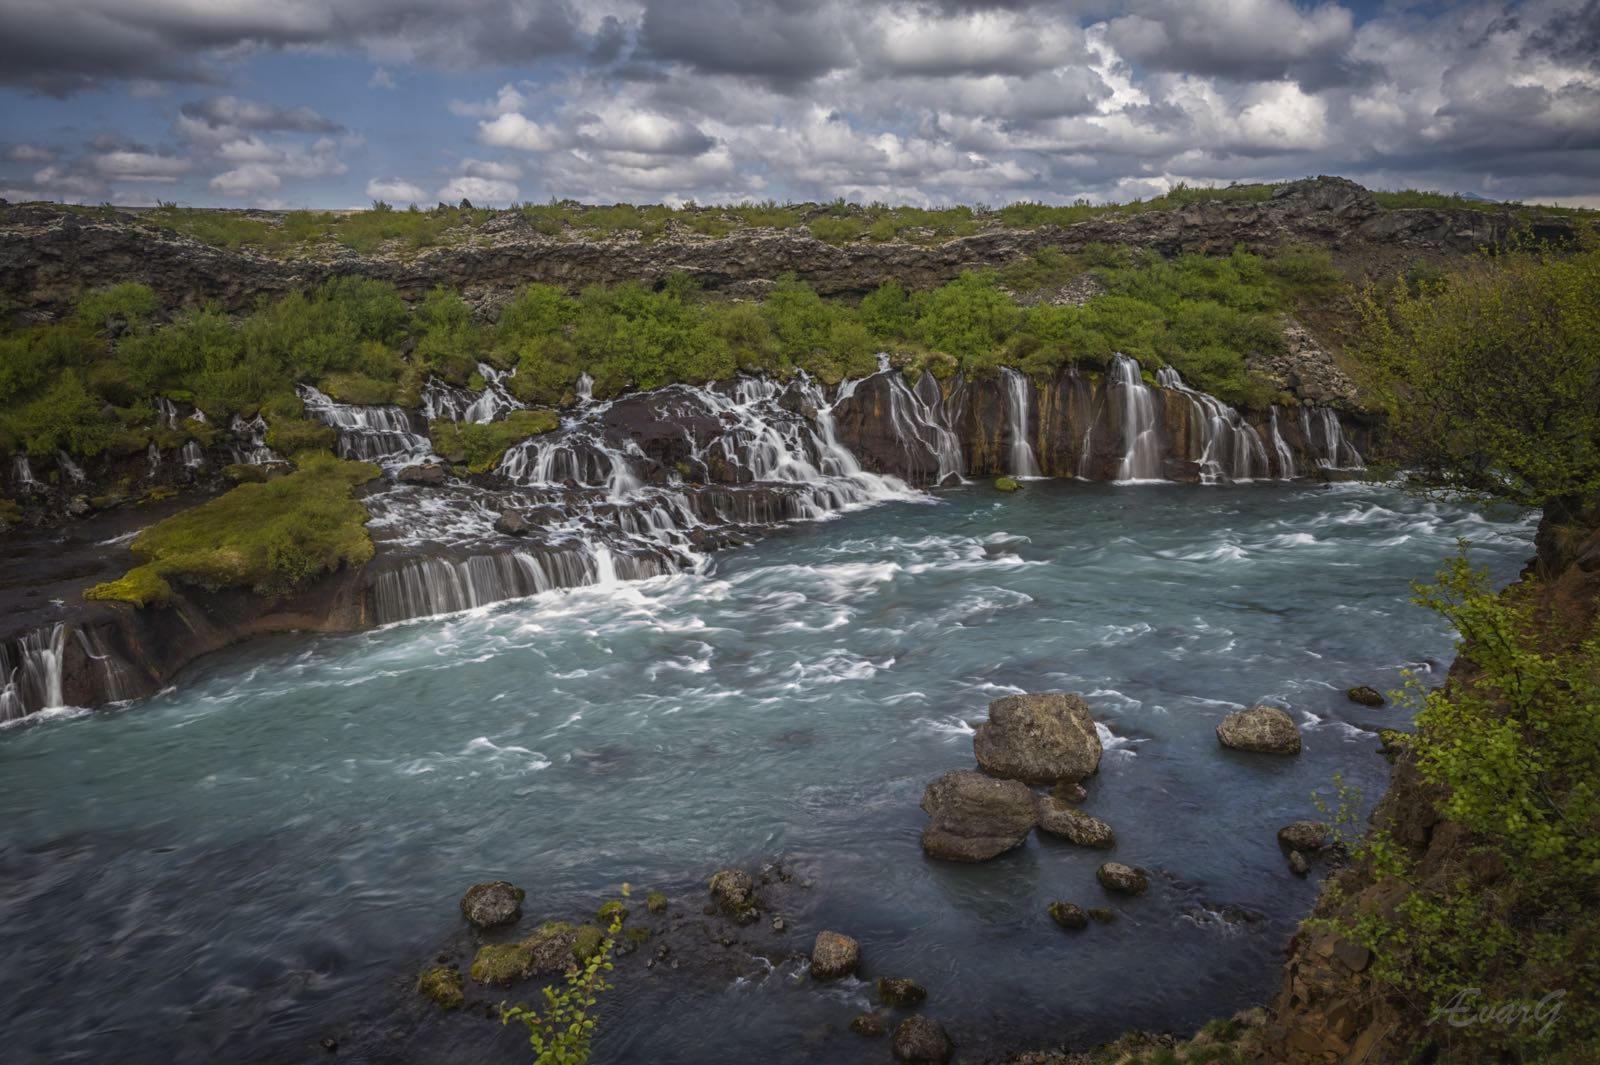 13-dniowa budżetowa, samodzielna wycieczka po całej obwodnicy Islandii z wodospadami i Fiordami Zachodnimi - day 12